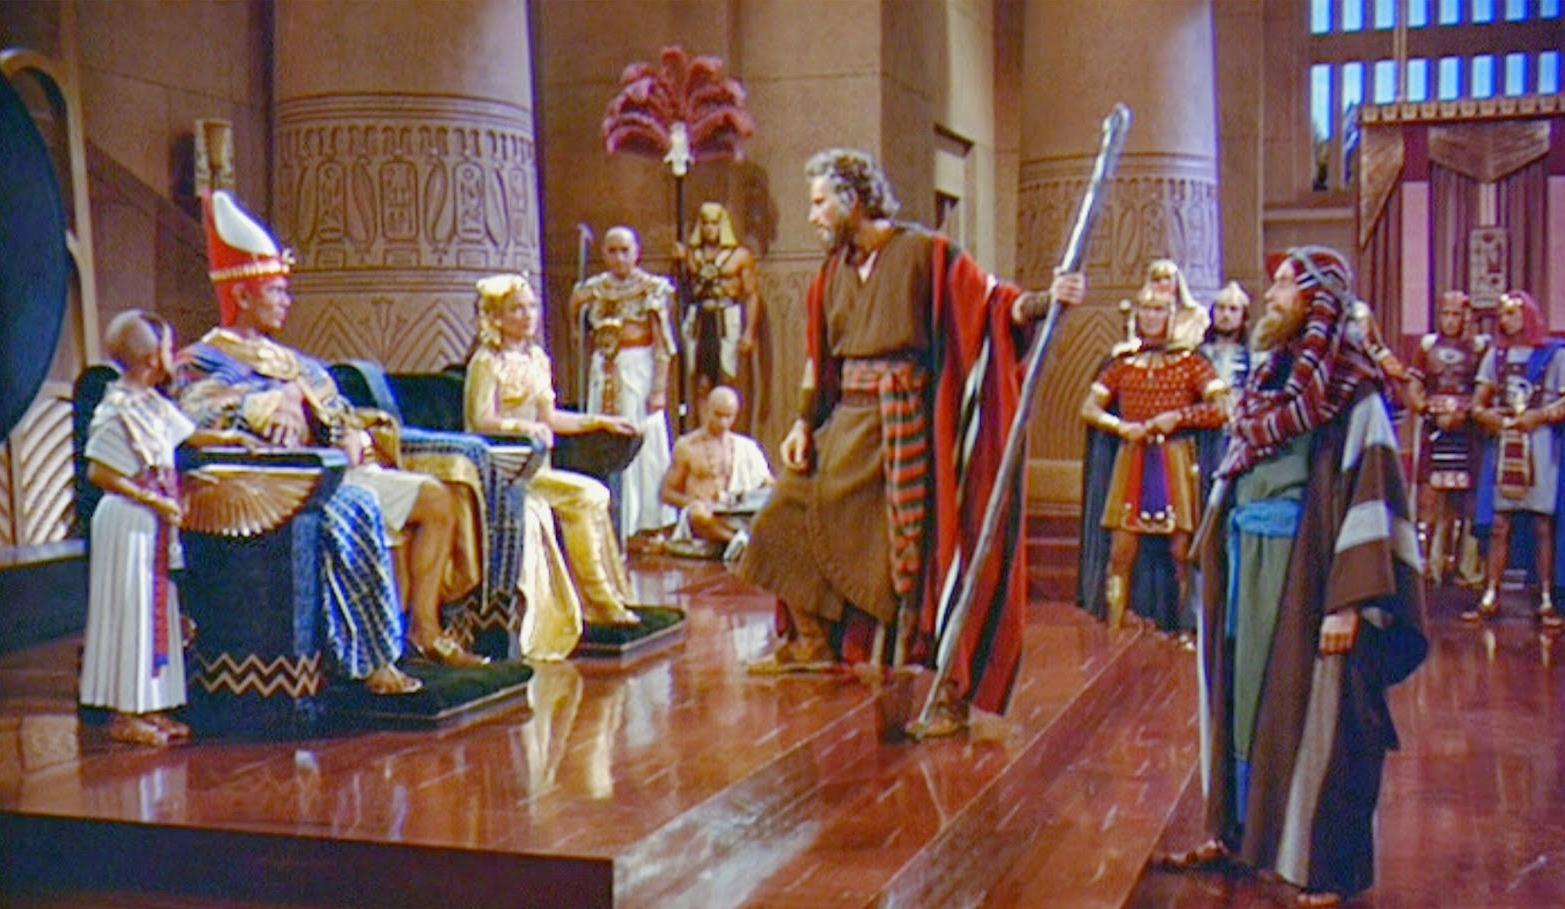 من هو فرعون سيدنا موسى؟.. رمسيس أم تحتمس أم خوفو؟